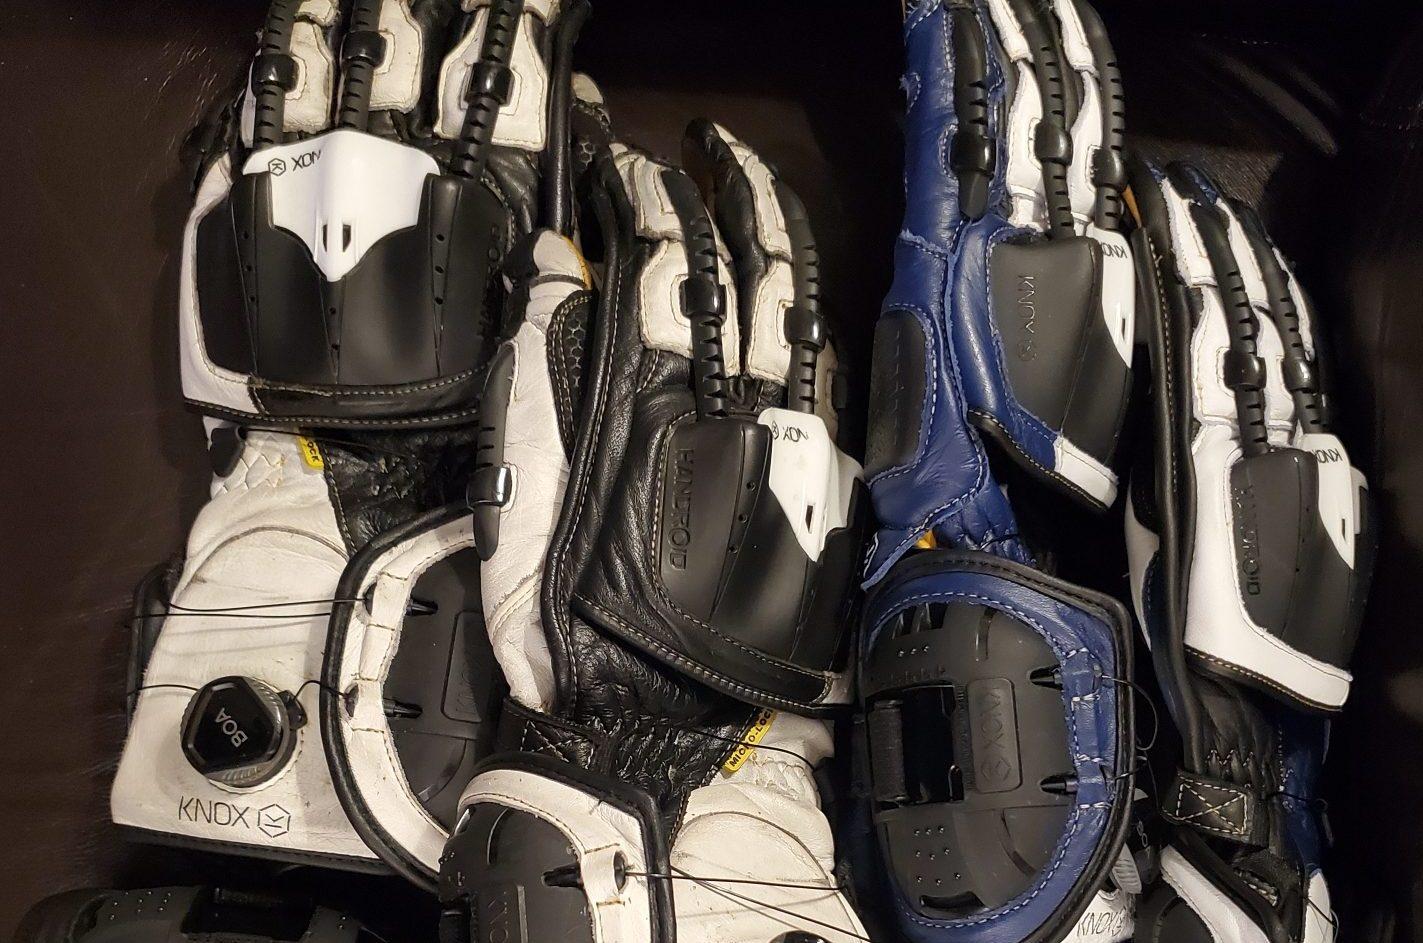 Knox Handroid MkIV Gloves